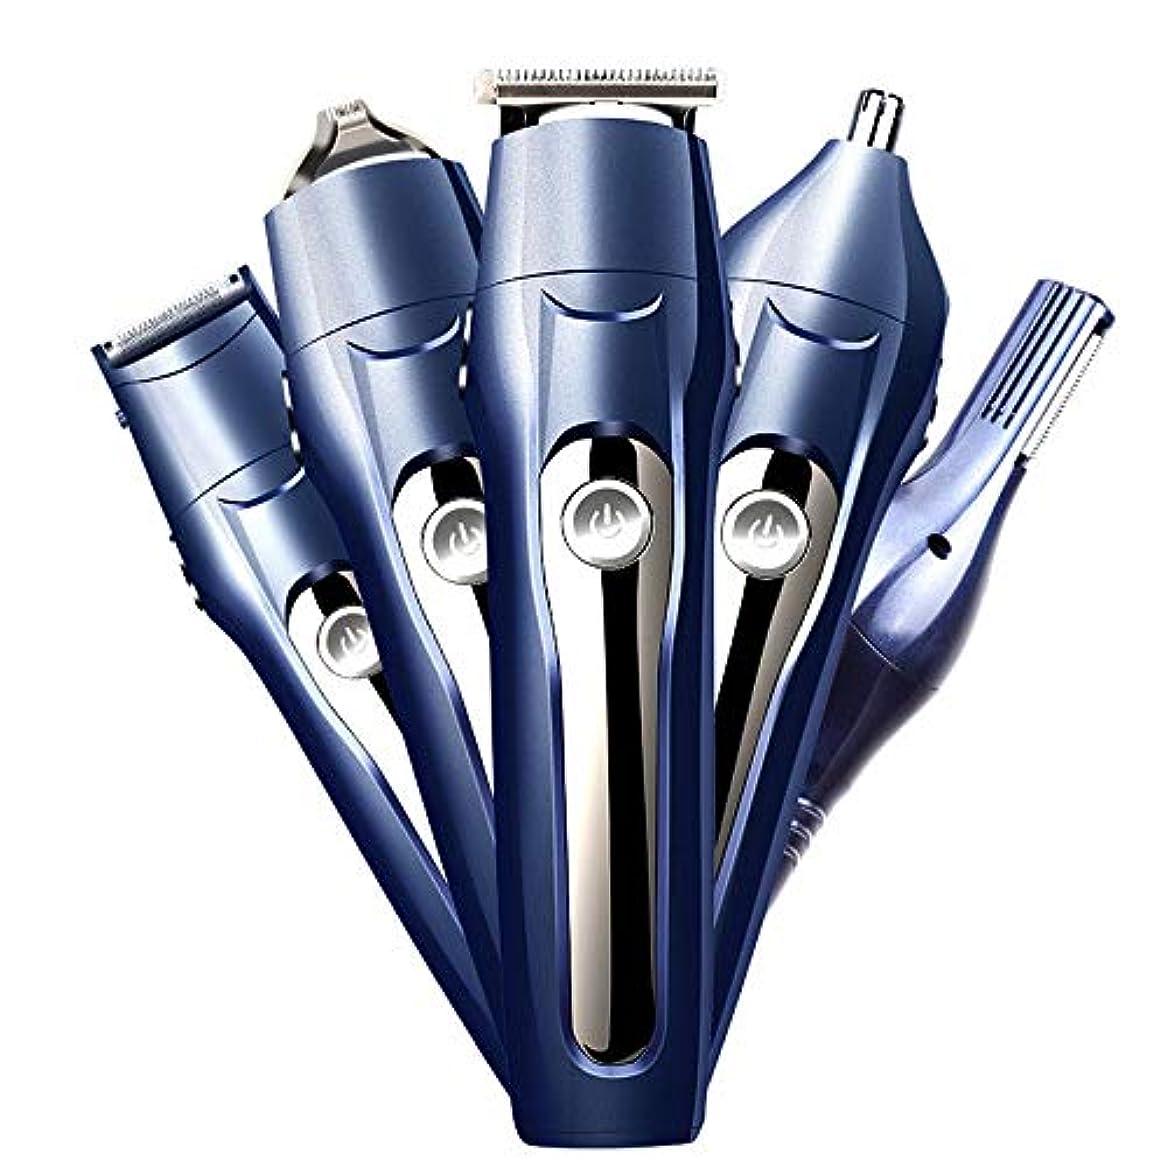 かかわらずワークショップ刈り取る5-IN-1ノーズトリマーアタッチメント付きマルチグルーミングキットのひげと髪 (Color : Blue, Size : US)